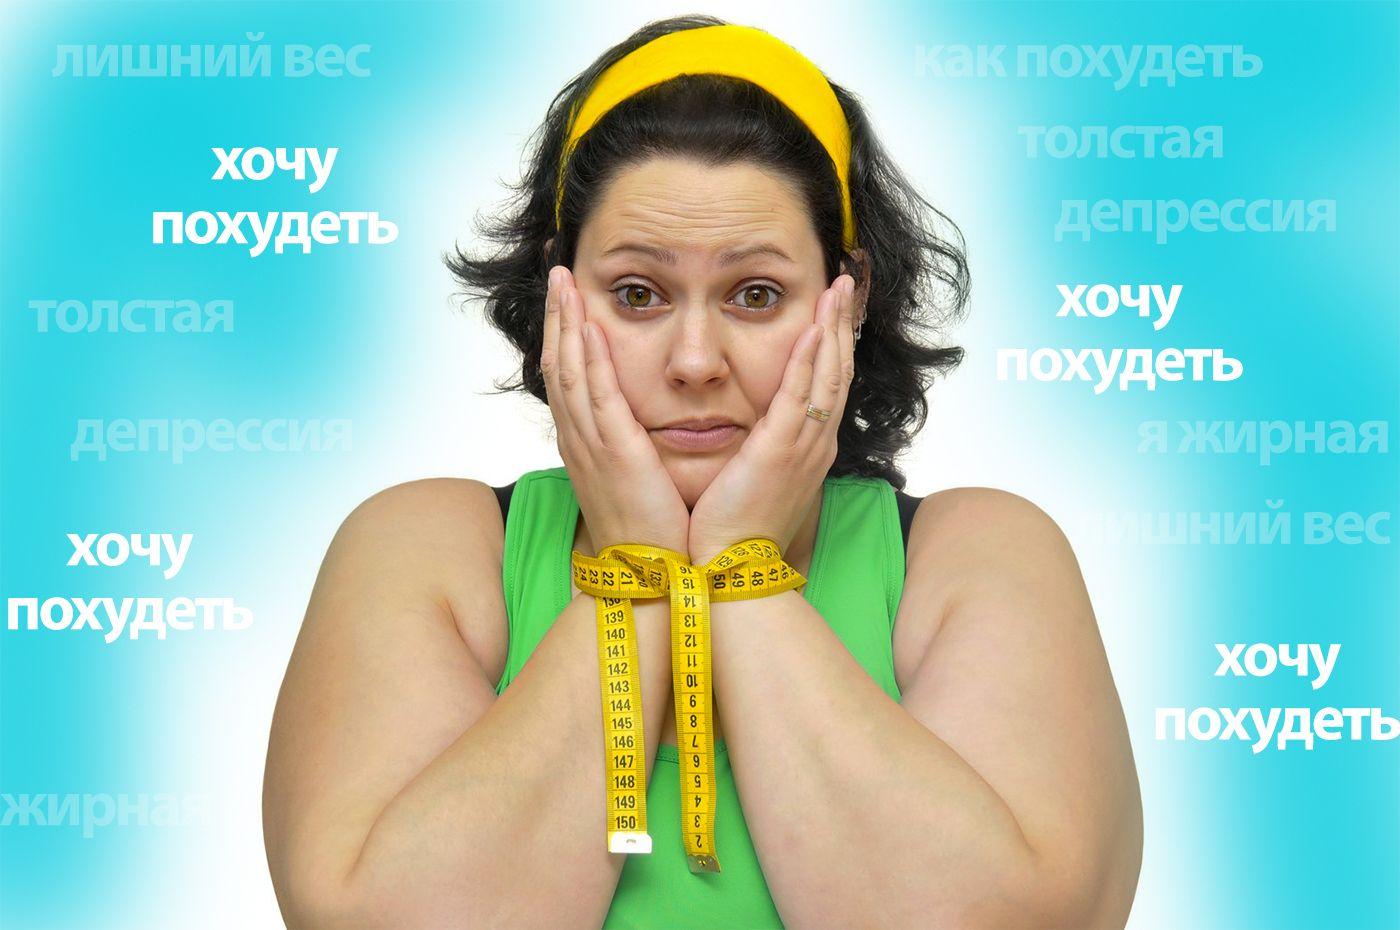 Похудеть Хочу Похудения. Реально эффективные способы похудения для женщин в домашних условиях